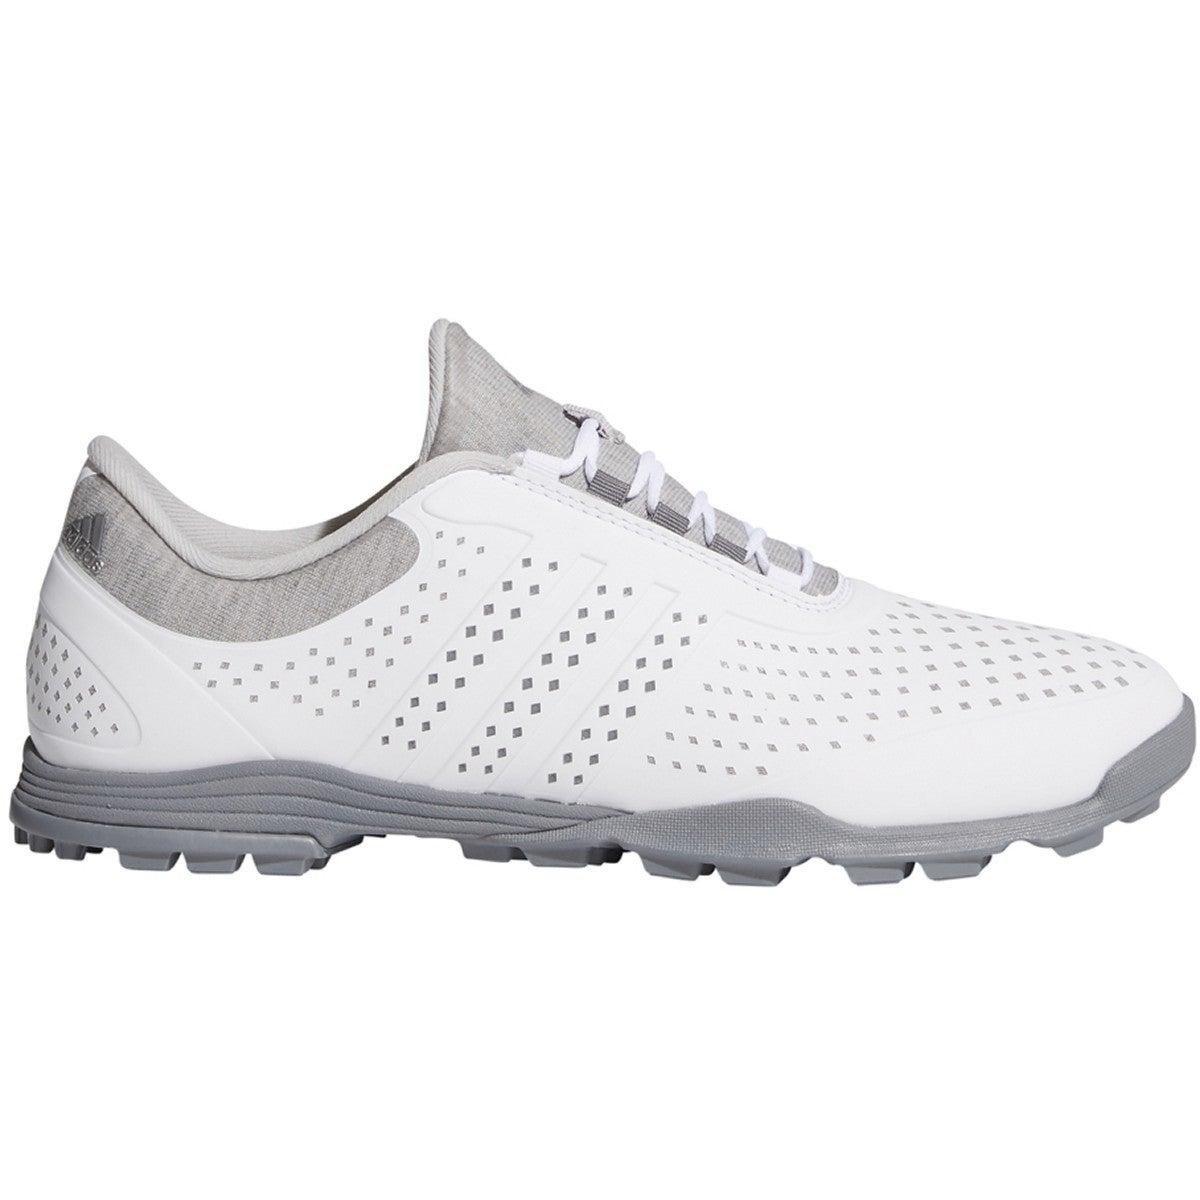 adidas golf women's shoes cheap online